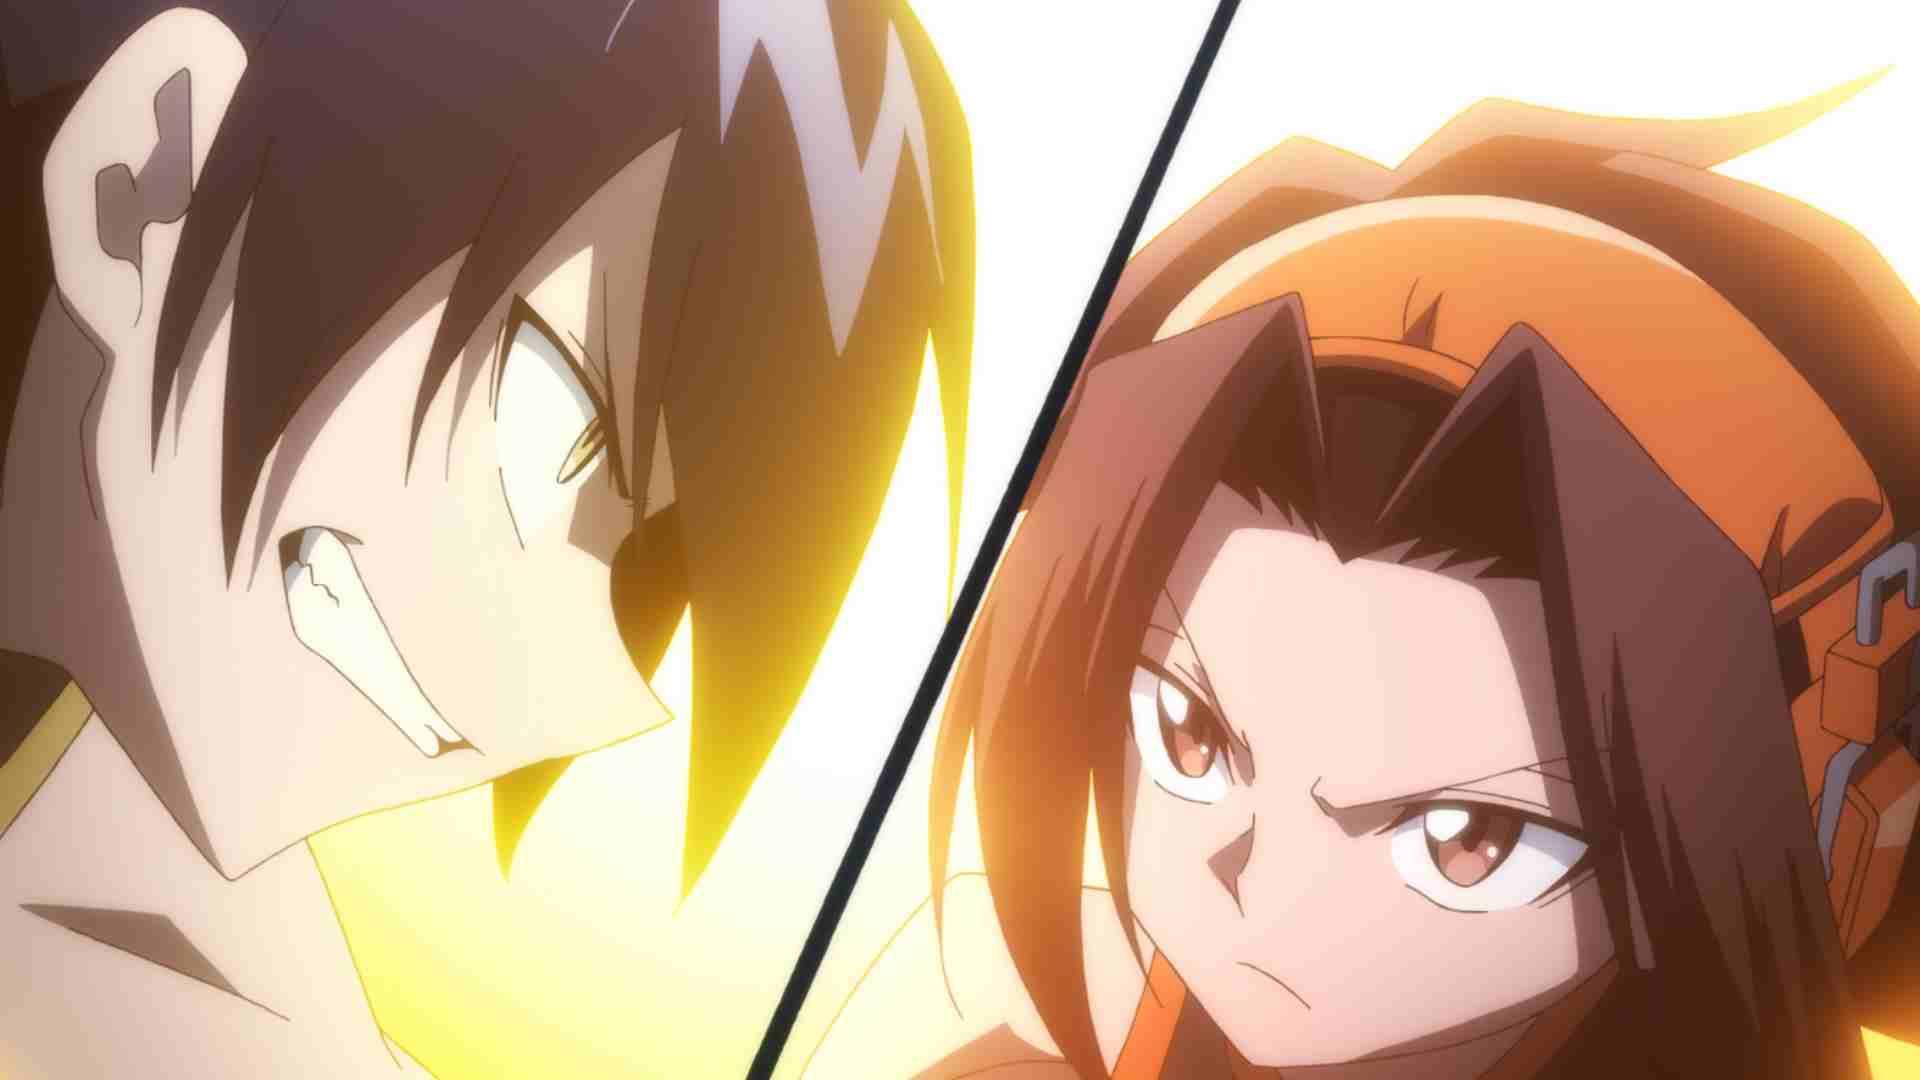 Episode 9 Rematch